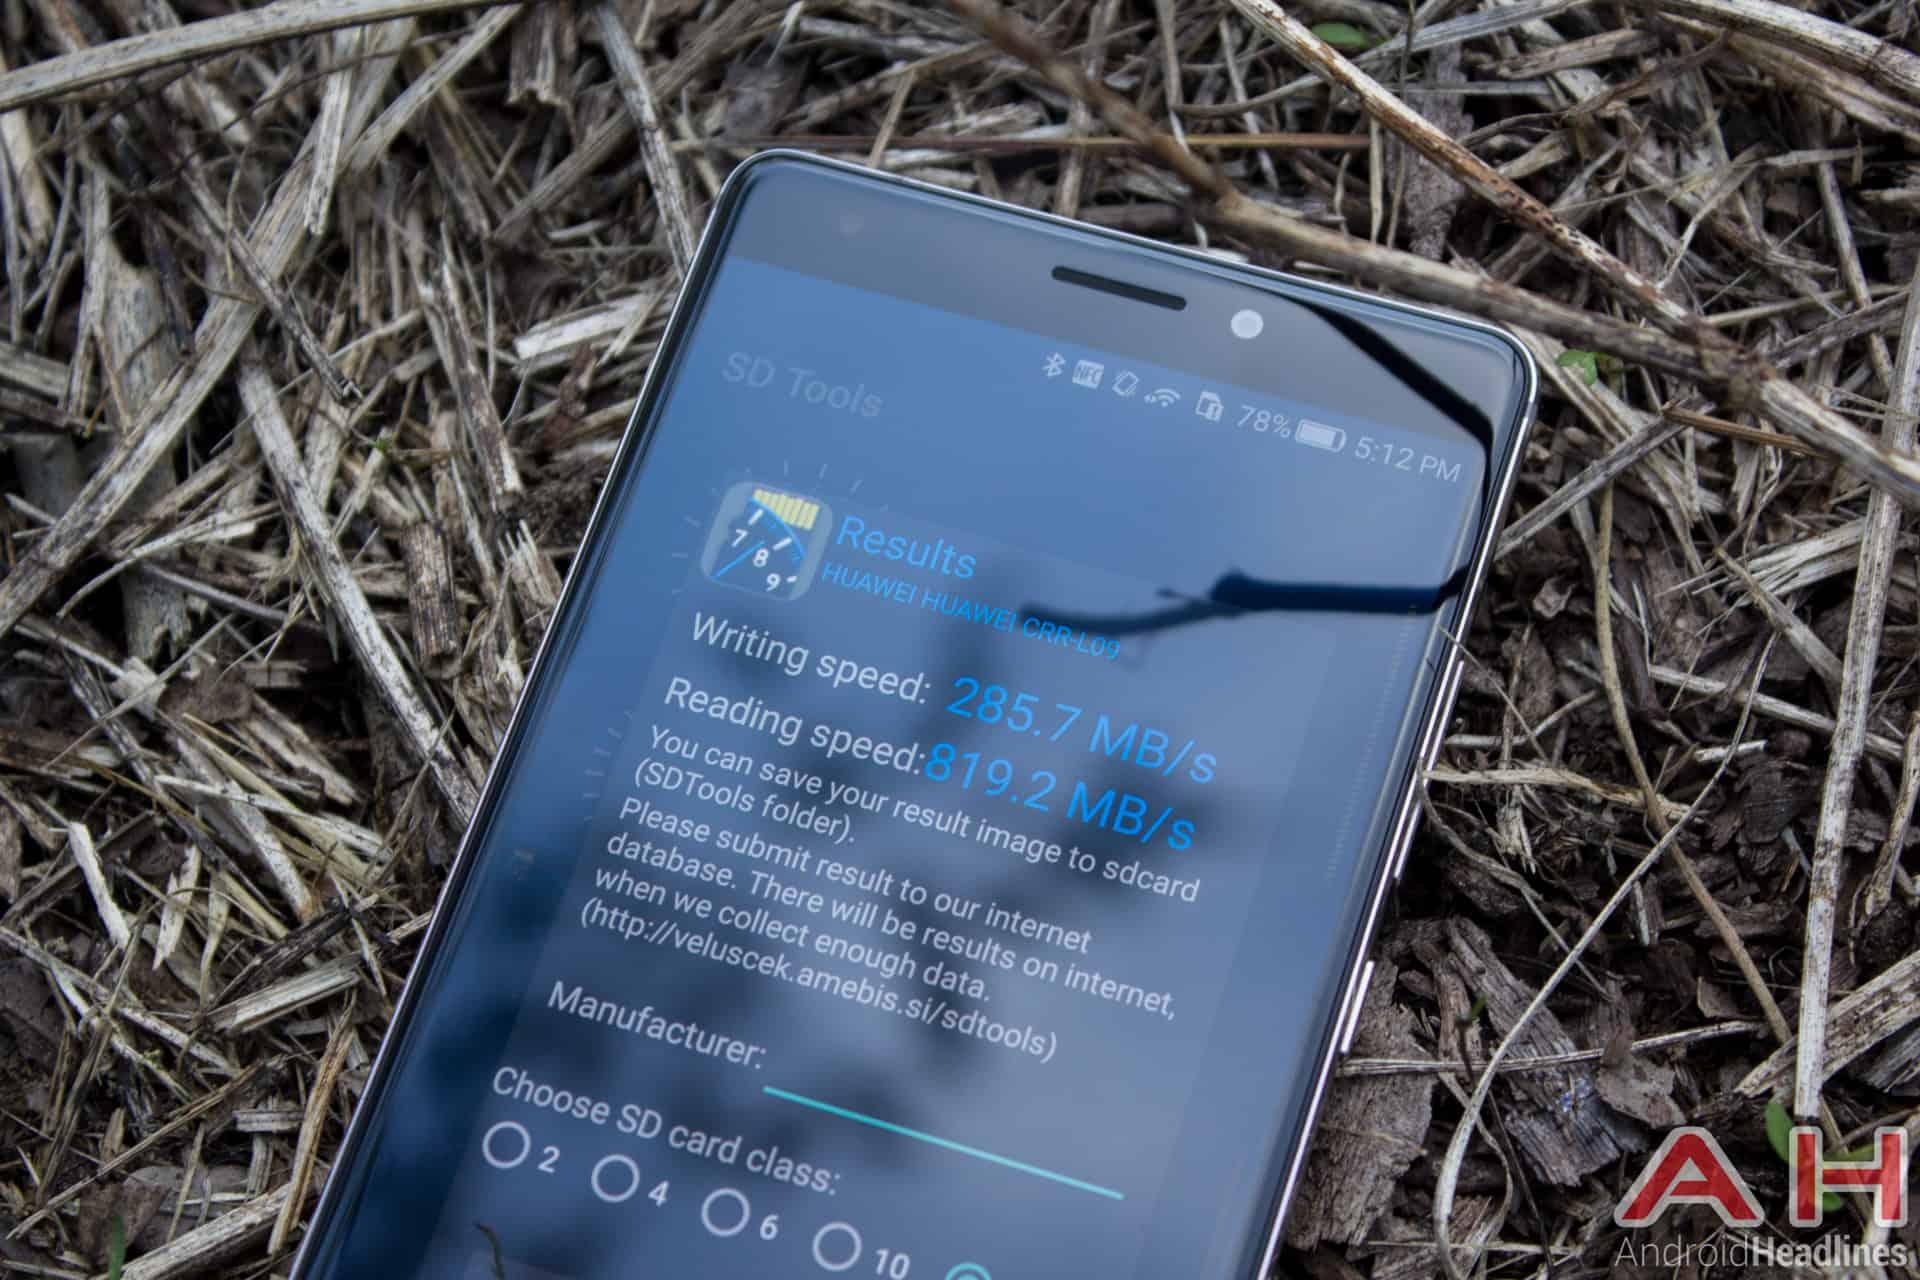 Huawei-Mate-S-AH-NS-benchmark